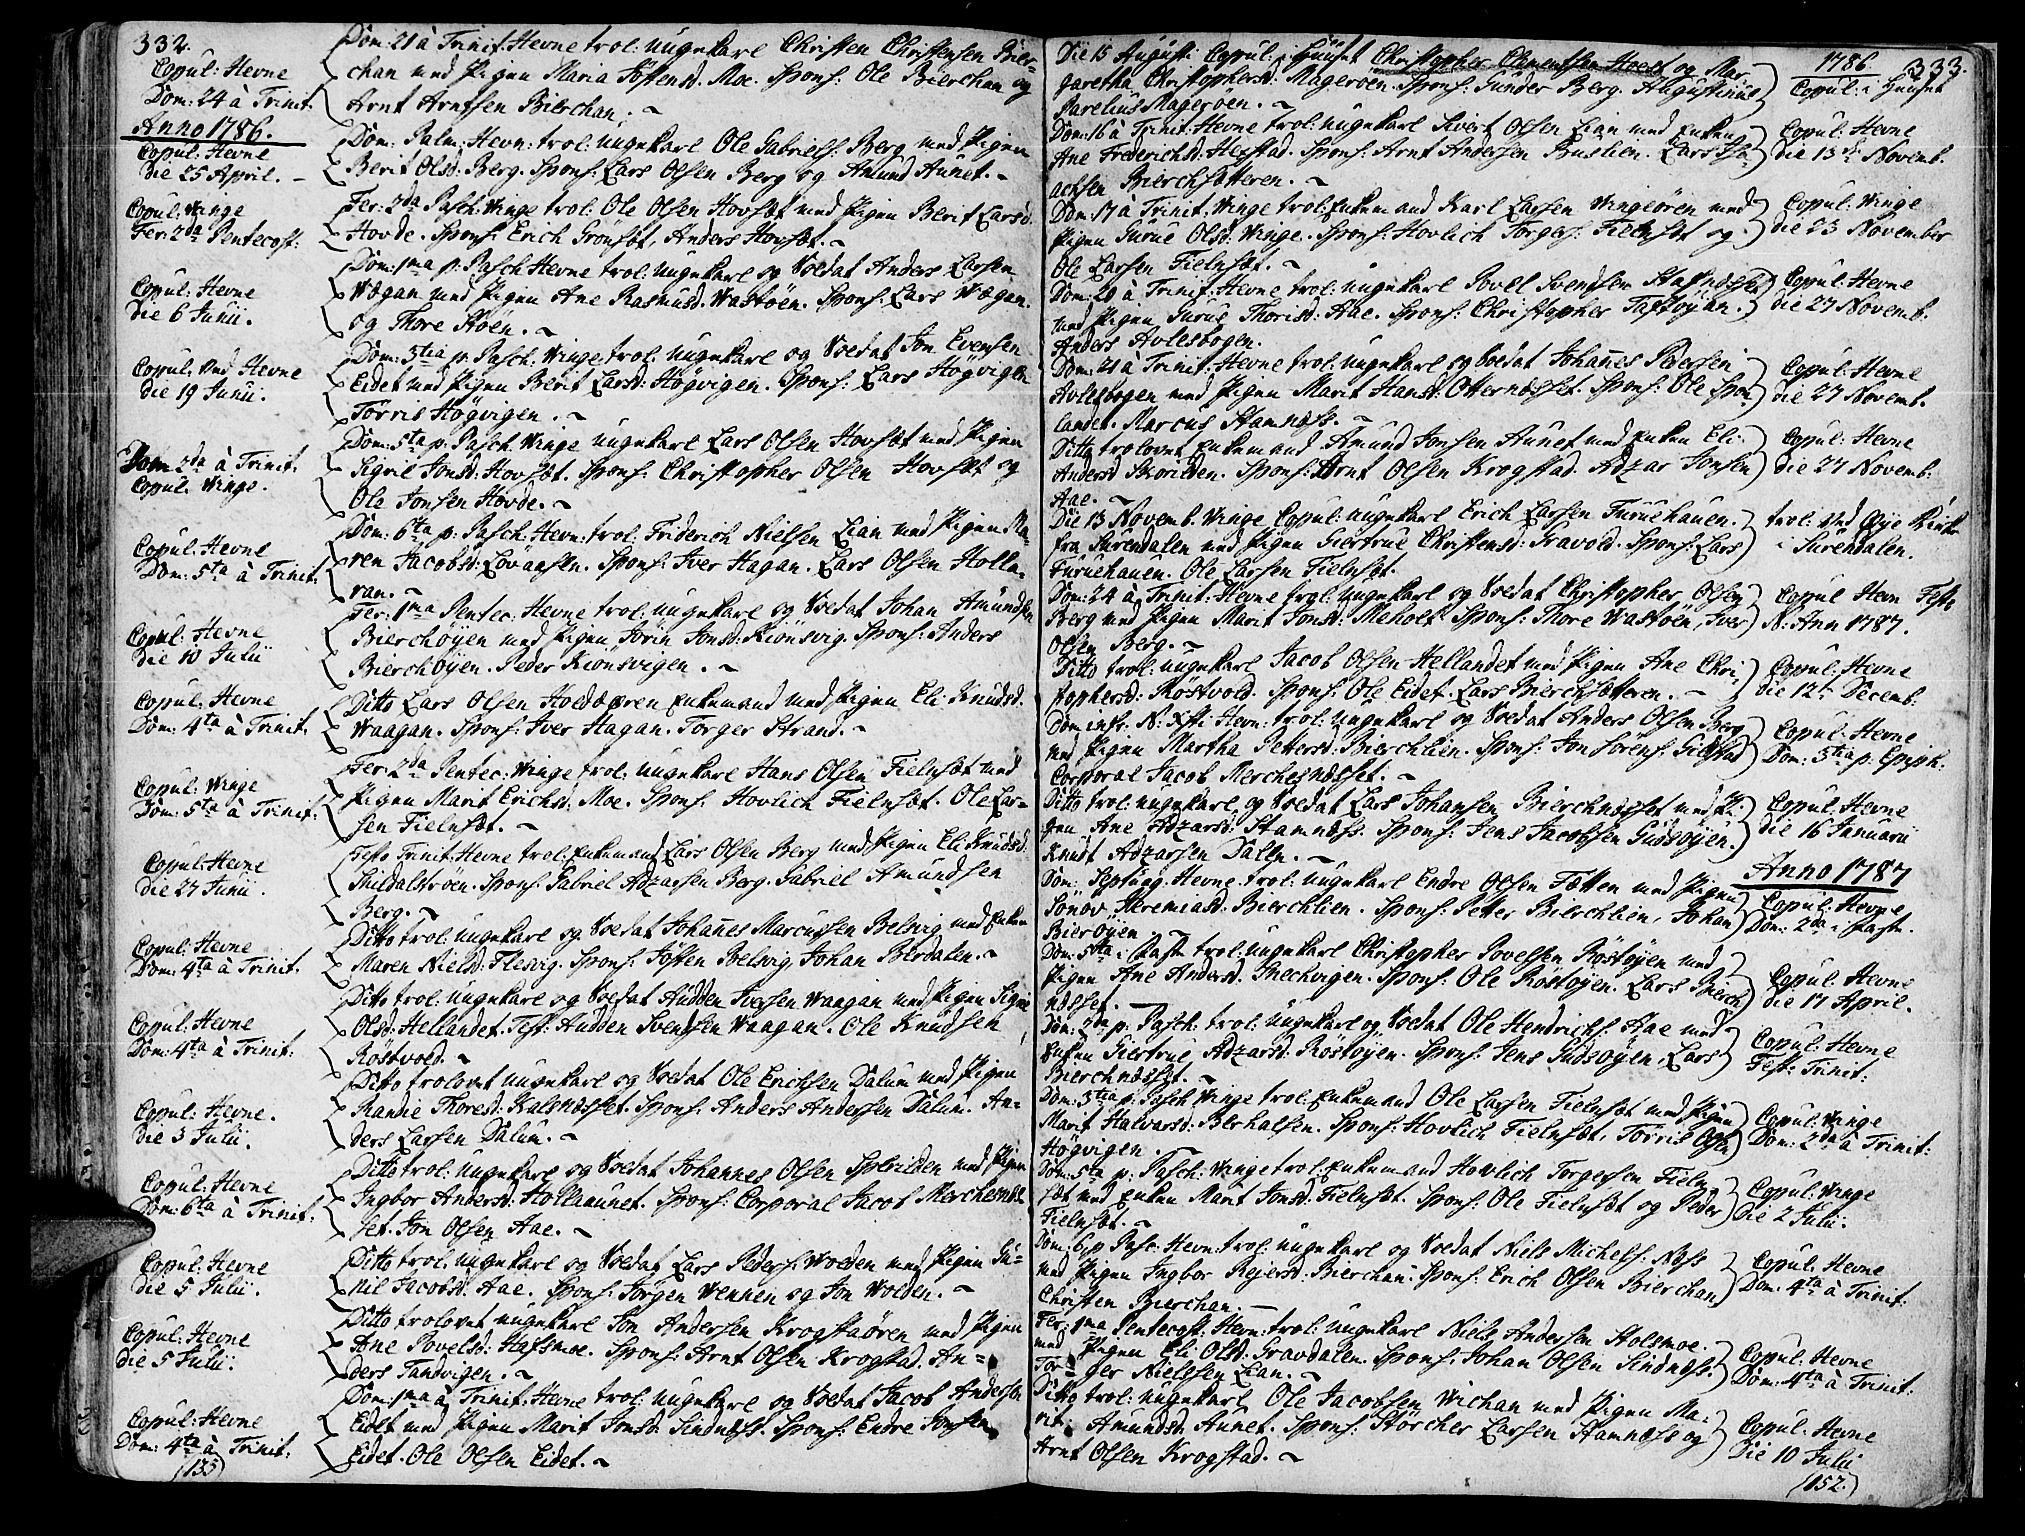 SAT, Ministerialprotokoller, klokkerbøker og fødselsregistre - Sør-Trøndelag, 630/L0489: Ministerialbok nr. 630A02, 1757-1794, s. 332-333